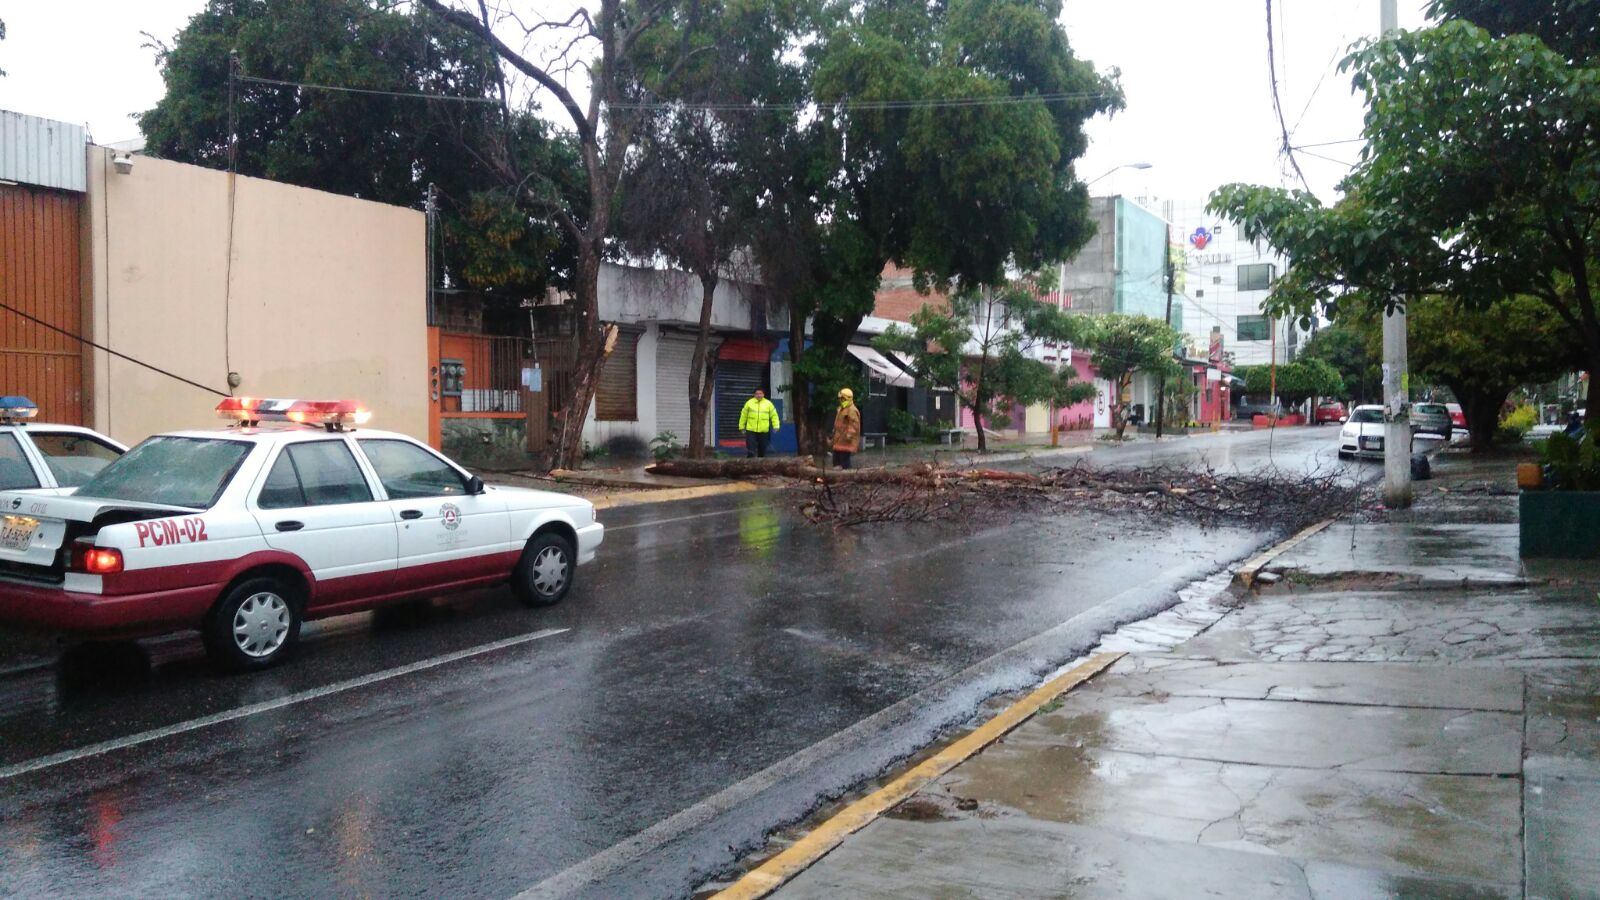 Llaman a extremar cuidado por las lluvias en Oaxaca   El Imparcial de Oaxaca